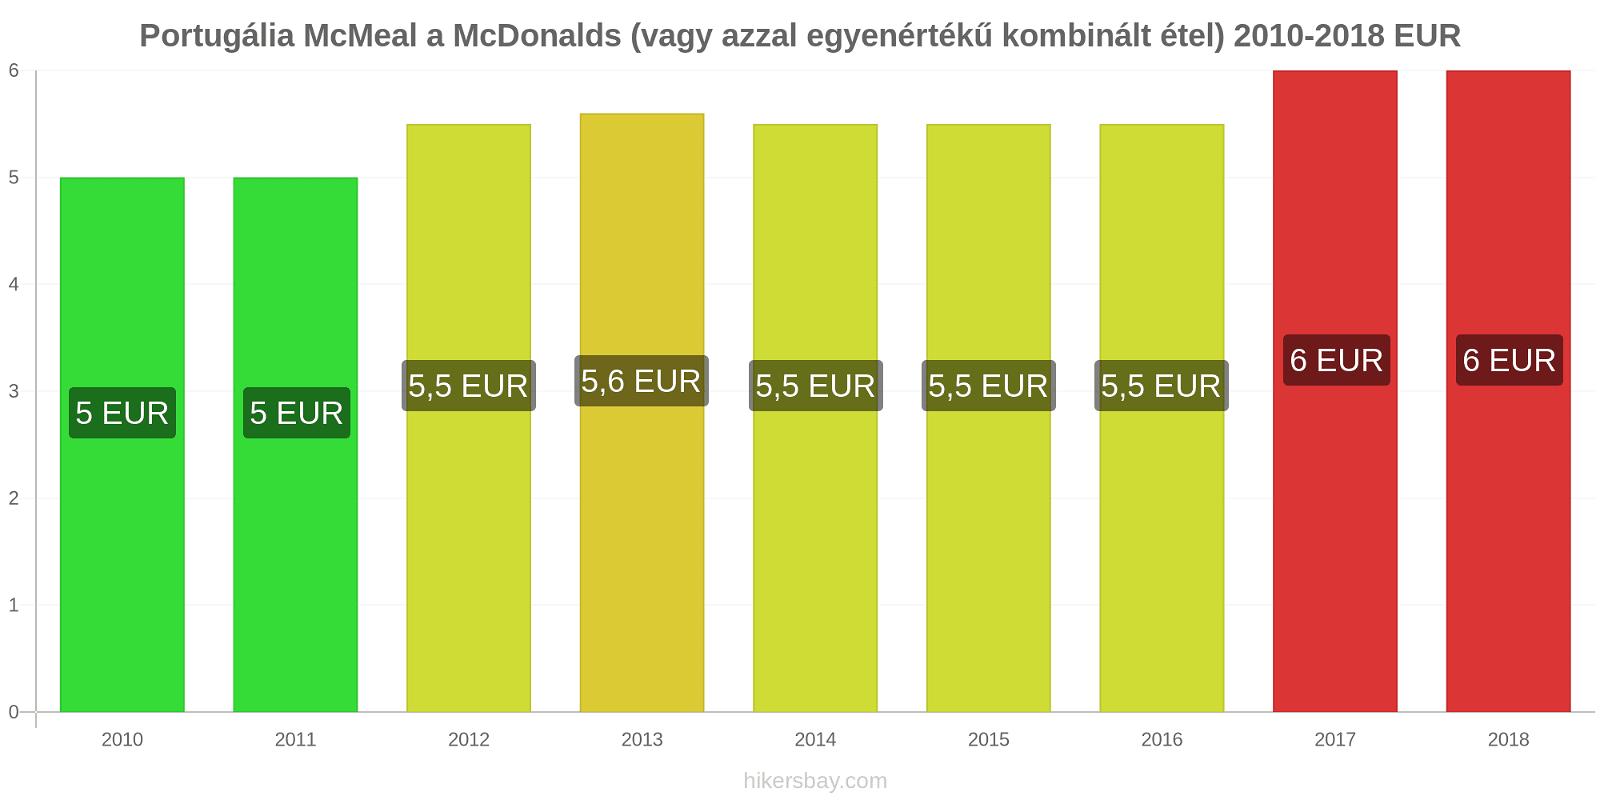 Portugália árváltozások McMeal a McDonalds (vagy azzal egyenértékű kombinált étel) hikersbay.com